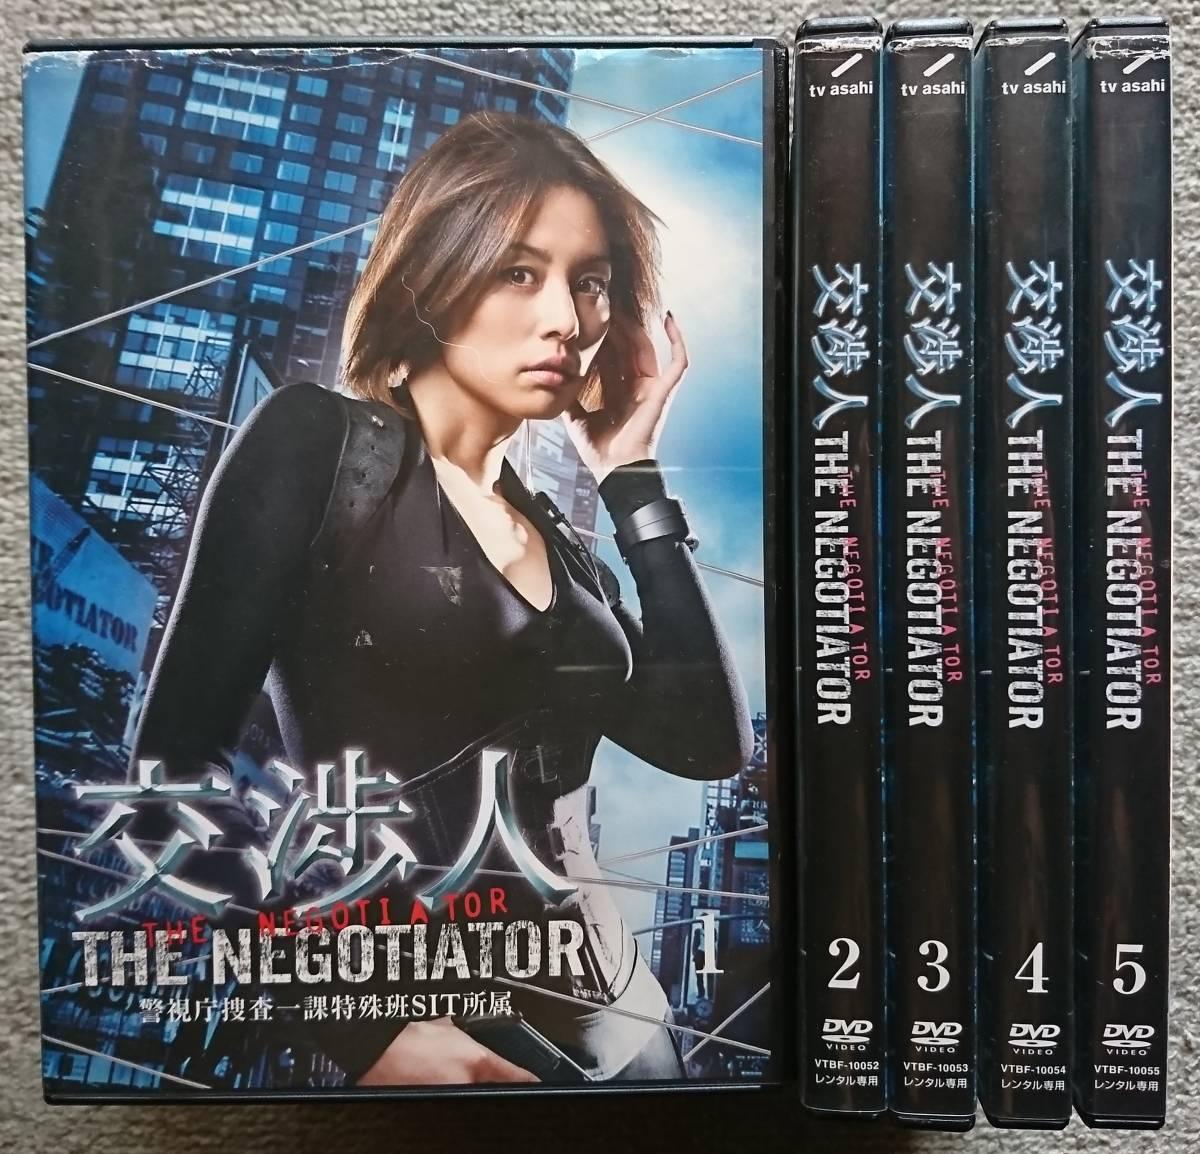 【レンタル版DVD】交渉人 THE NEGOTIATOR (第1シリーズ) 全5巻 米倉涼子 グッズの画像